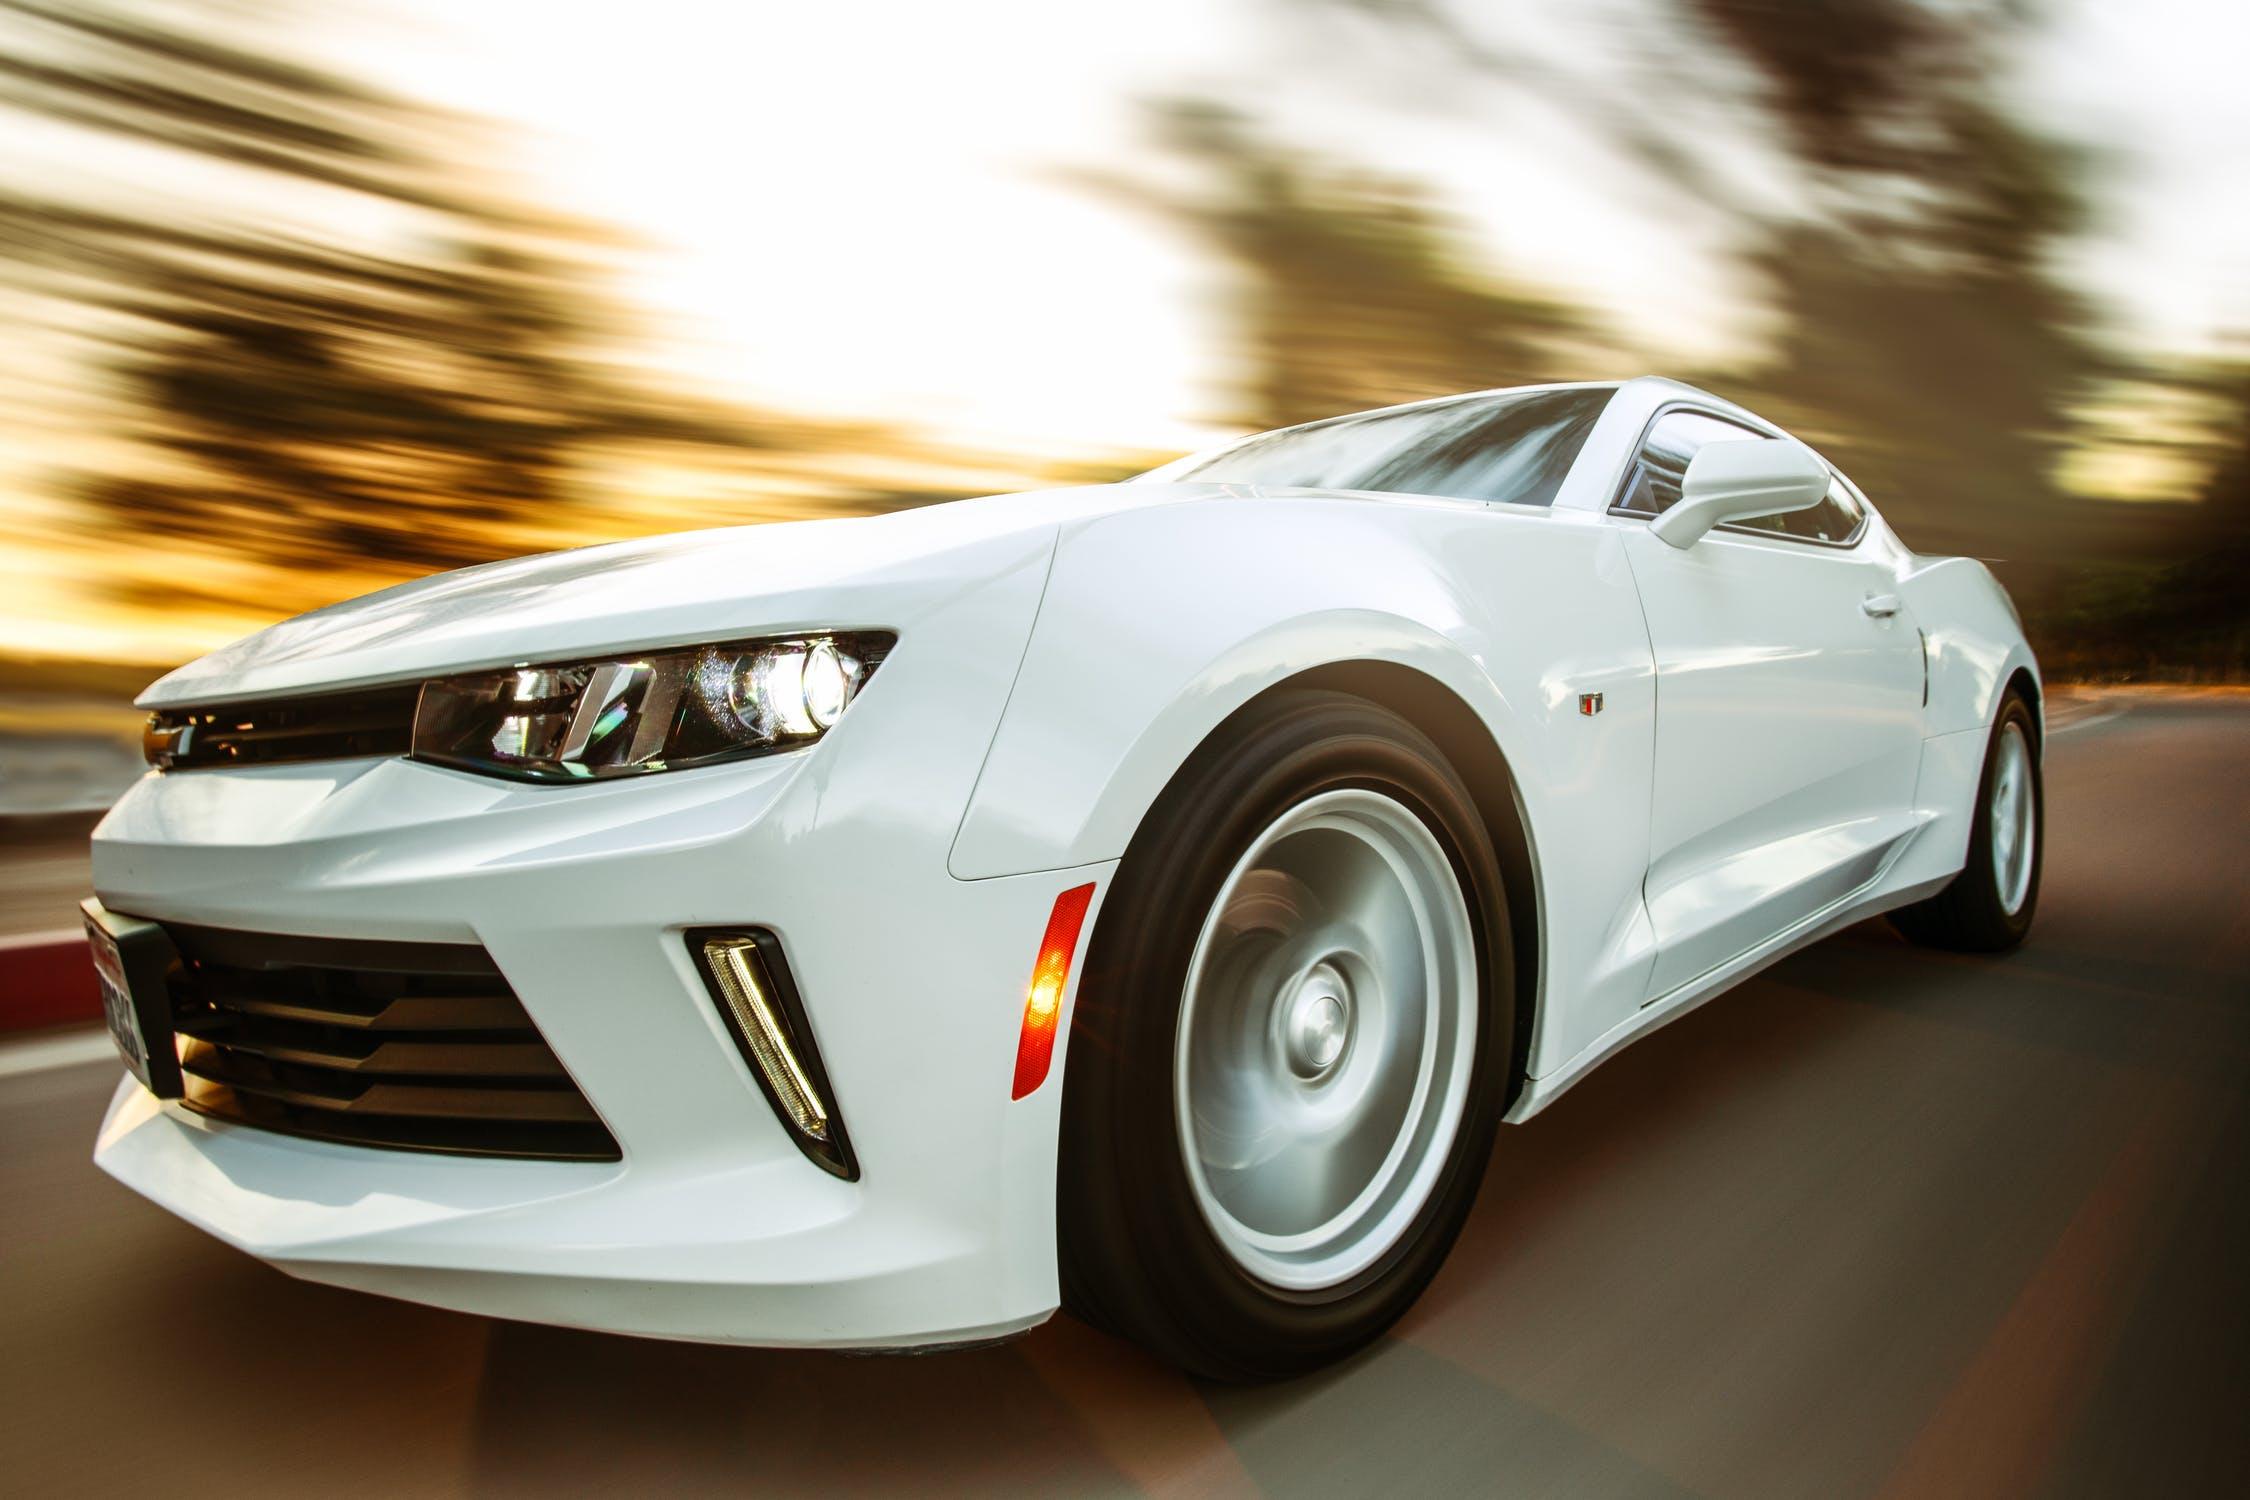 Hvid bil